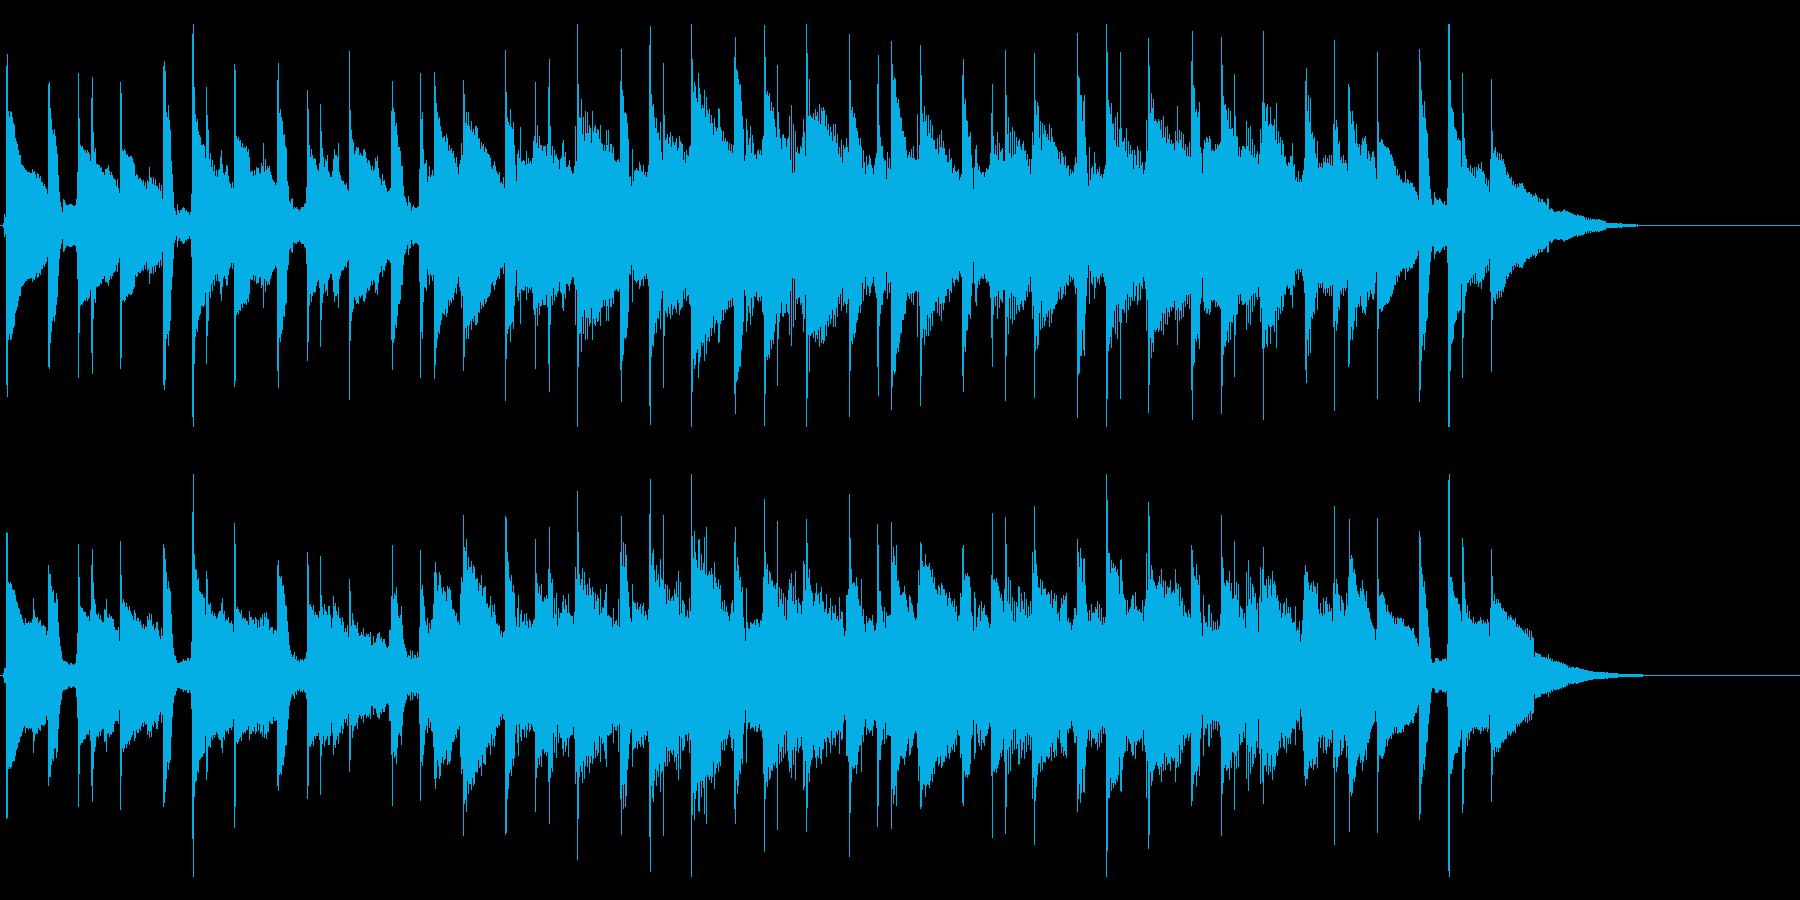 ウクレレEDM企業VP会社紹介ジングルの再生済みの波形